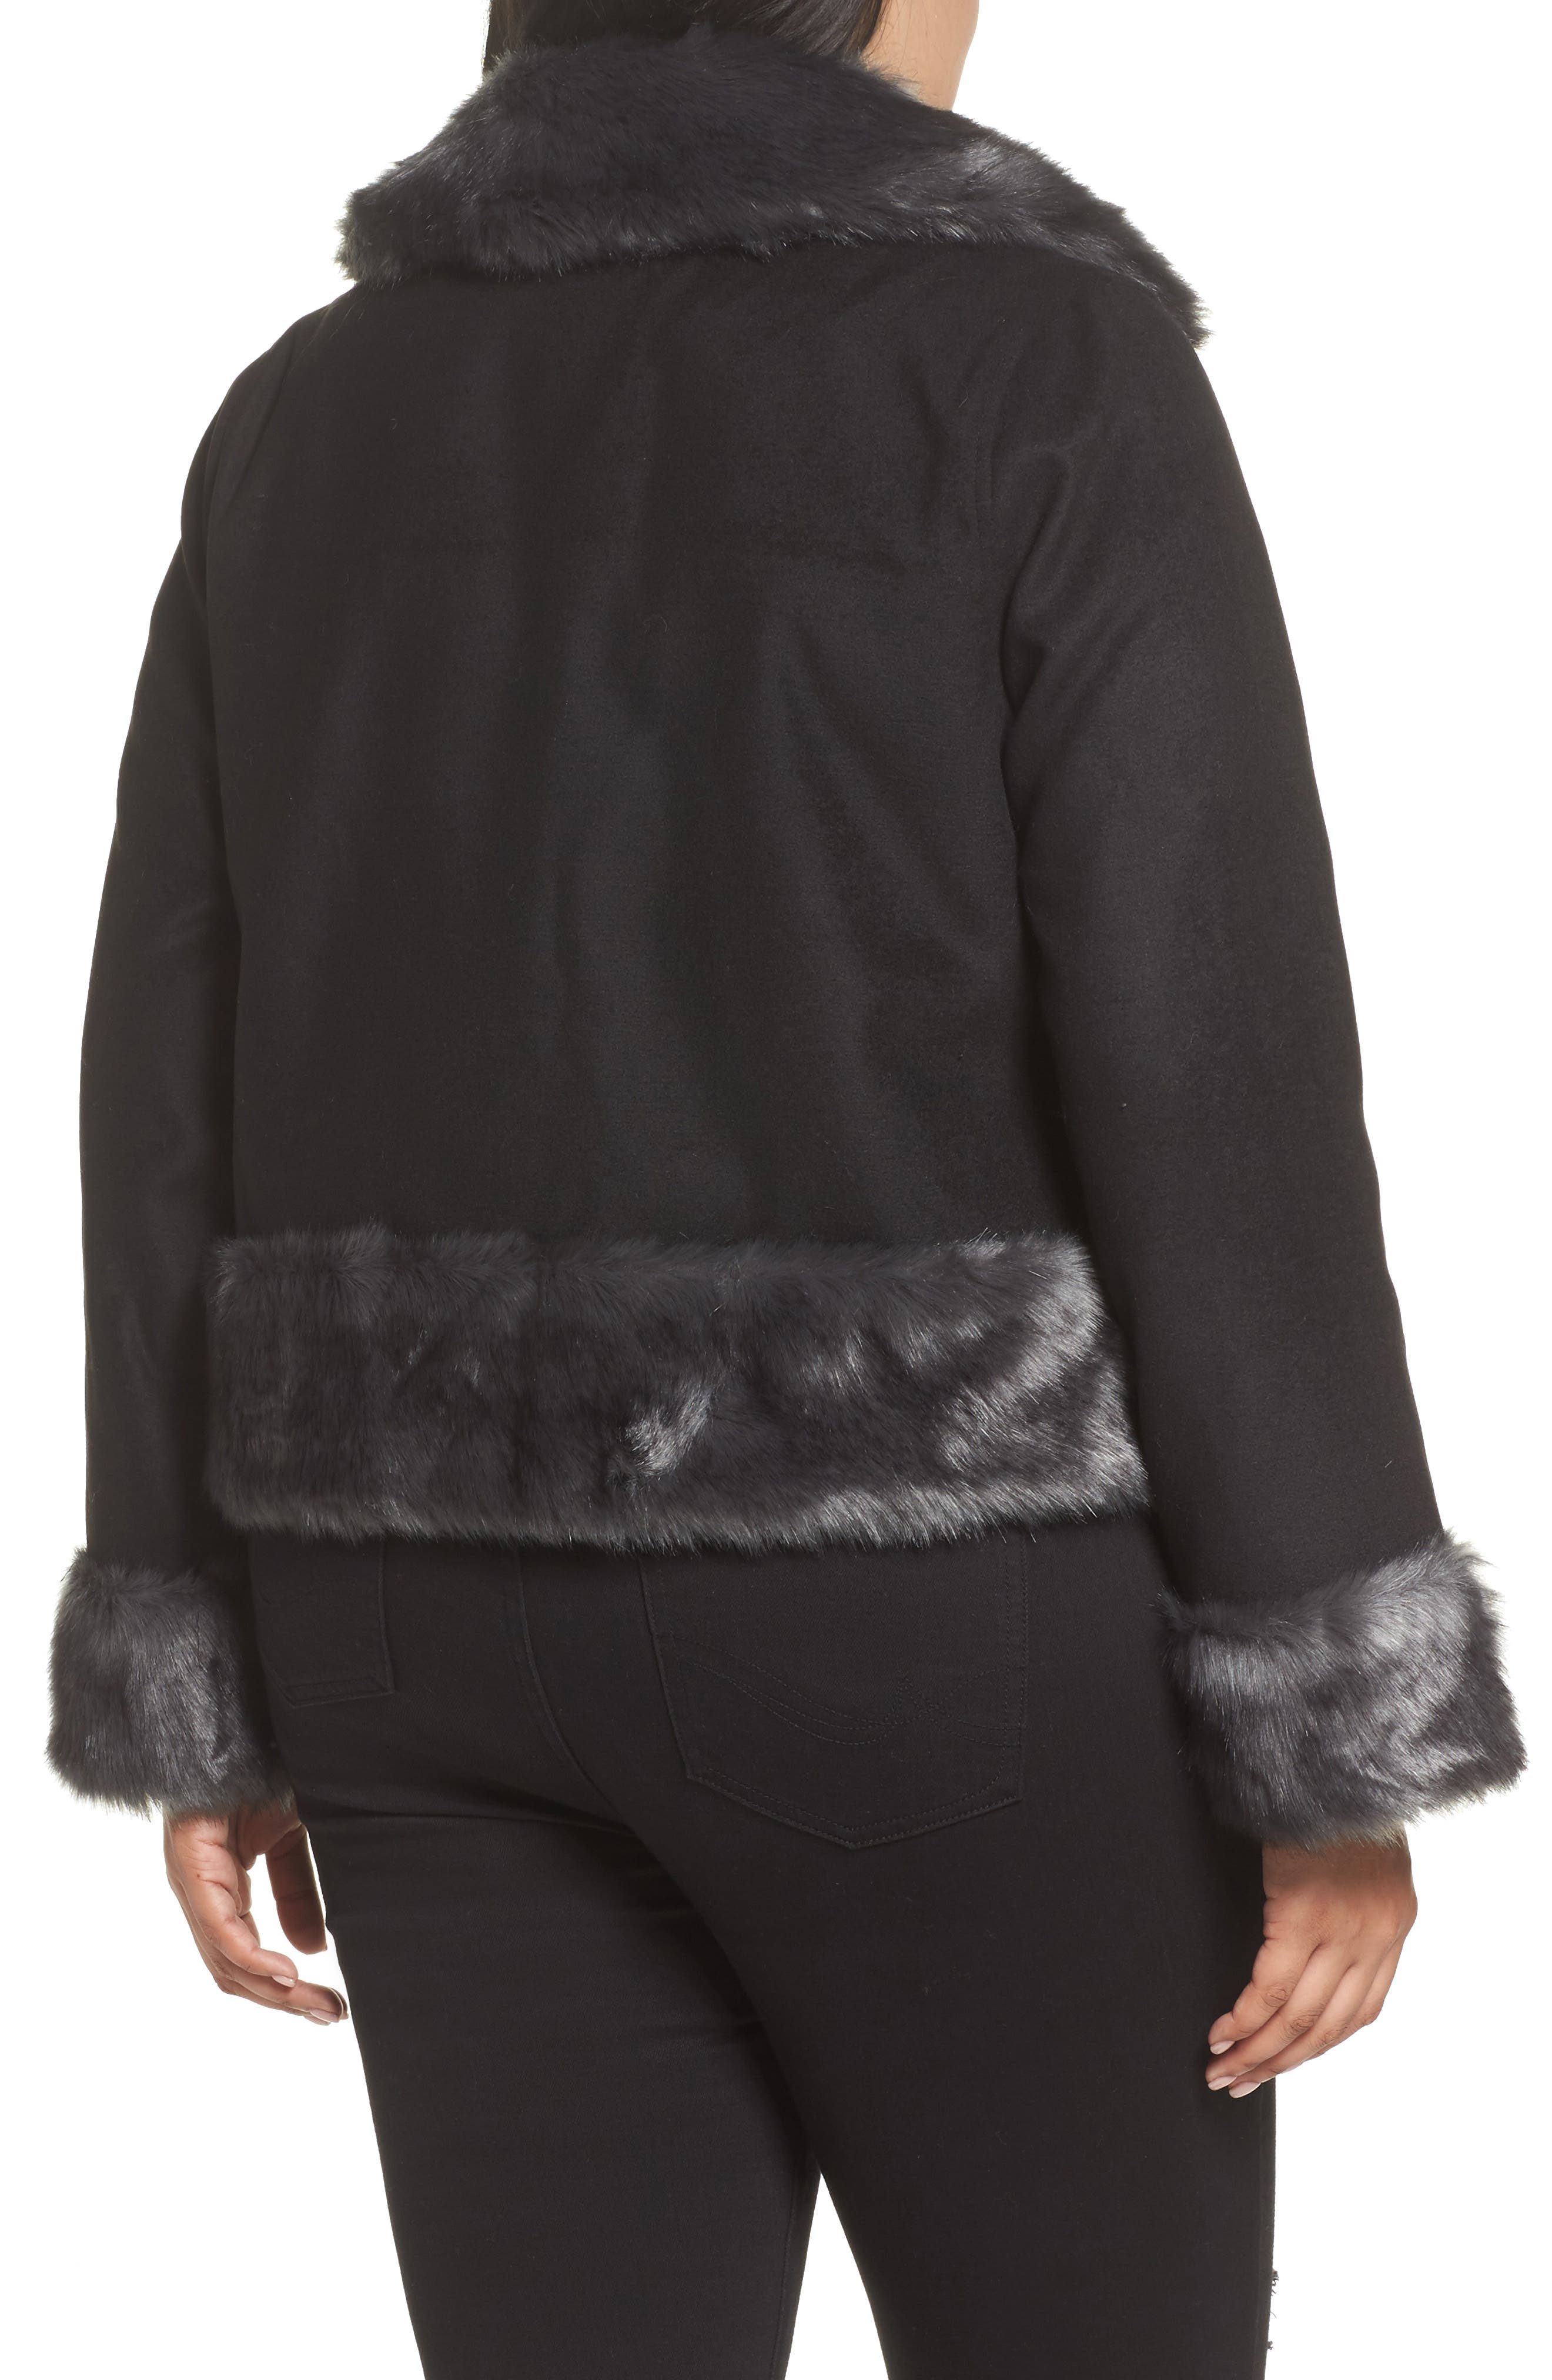 Jacket with Faux Fur Trim,                             Alternate thumbnail 2, color,                             001